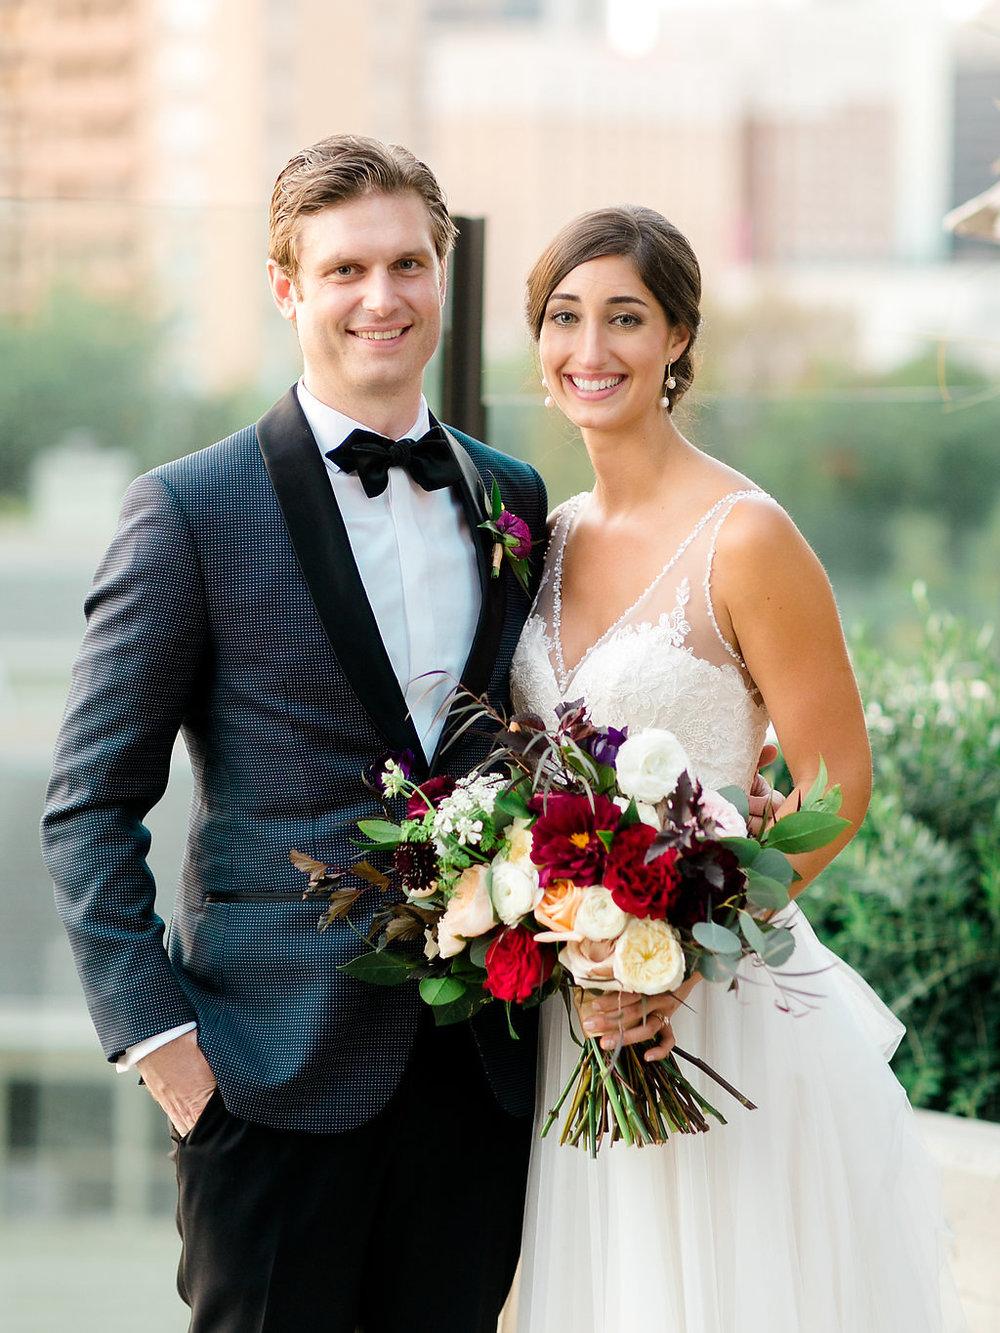 Rachel_Ben_Wedding_Hotel_Van_Zandt656.jpg